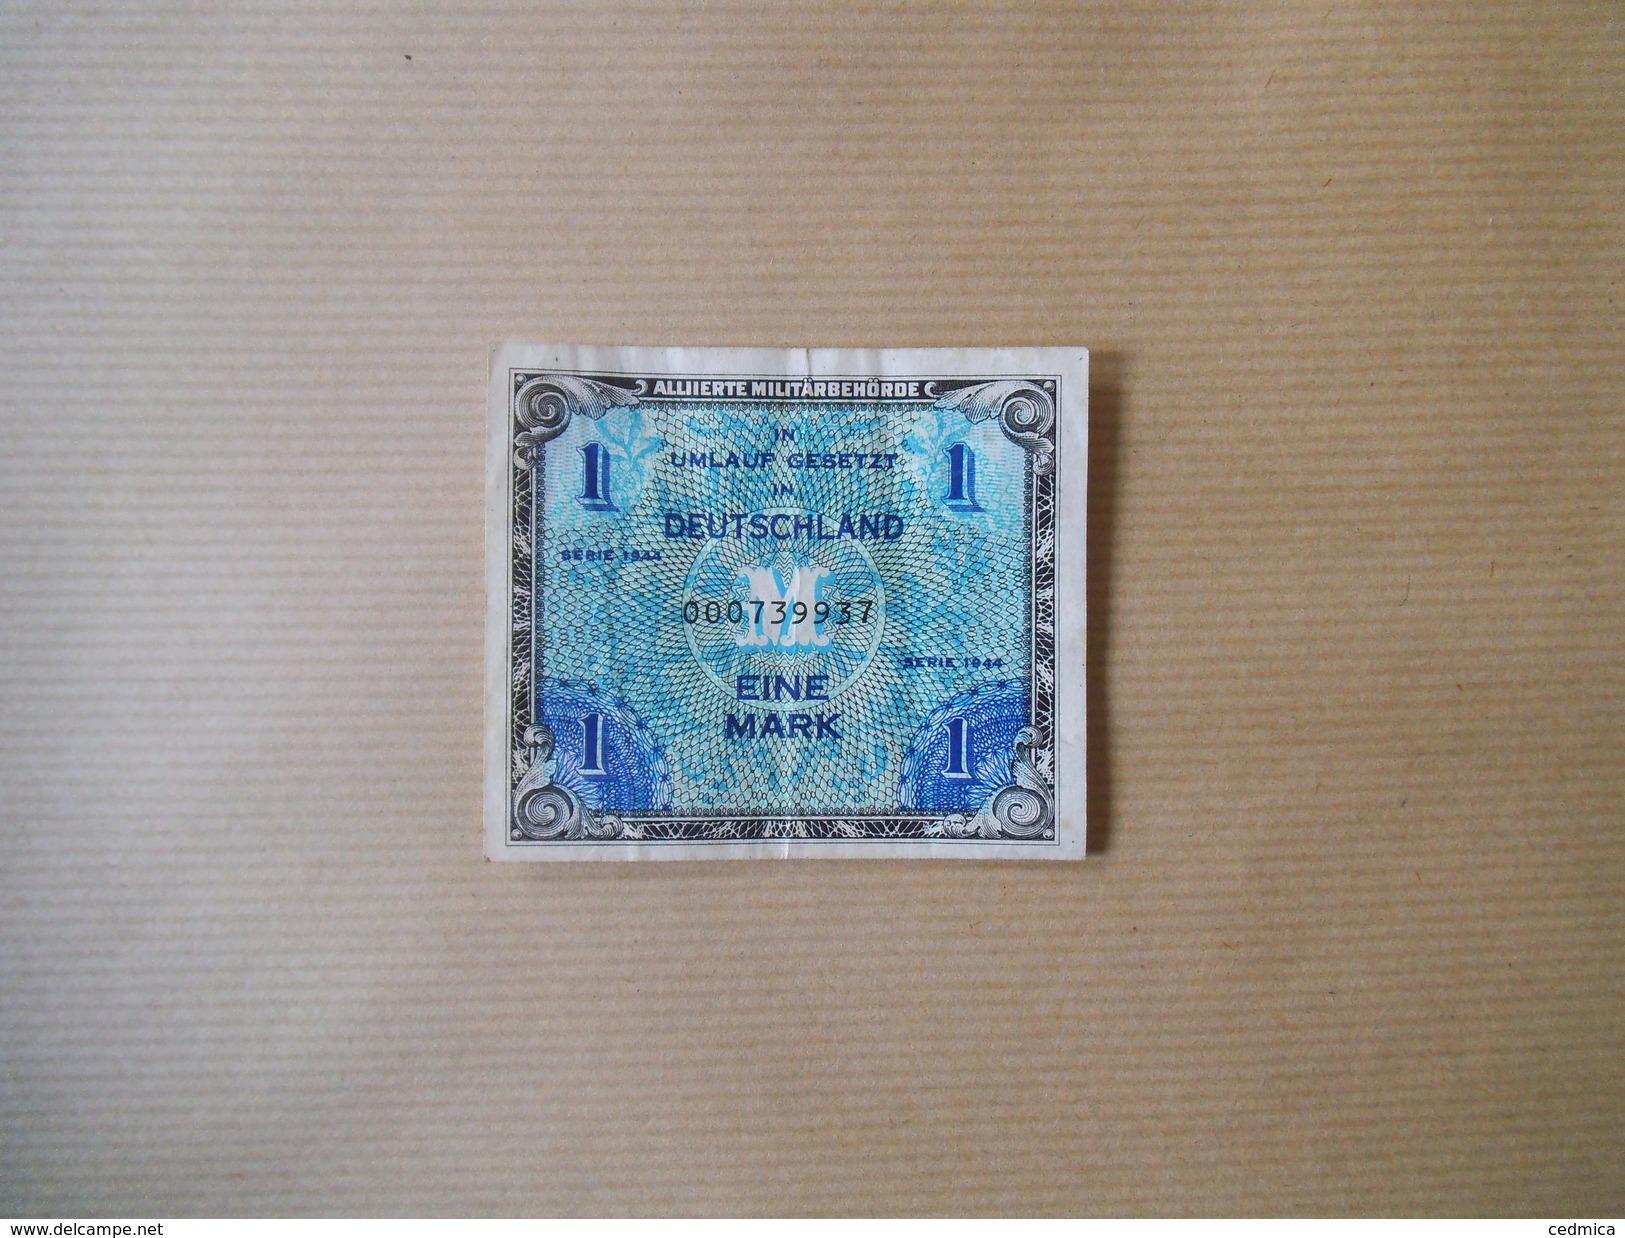 ALLIERTE MILITÄRBEHÖRDE EINE MARK 1944 IN UMLAUF GESETZT 000739937 - Autres